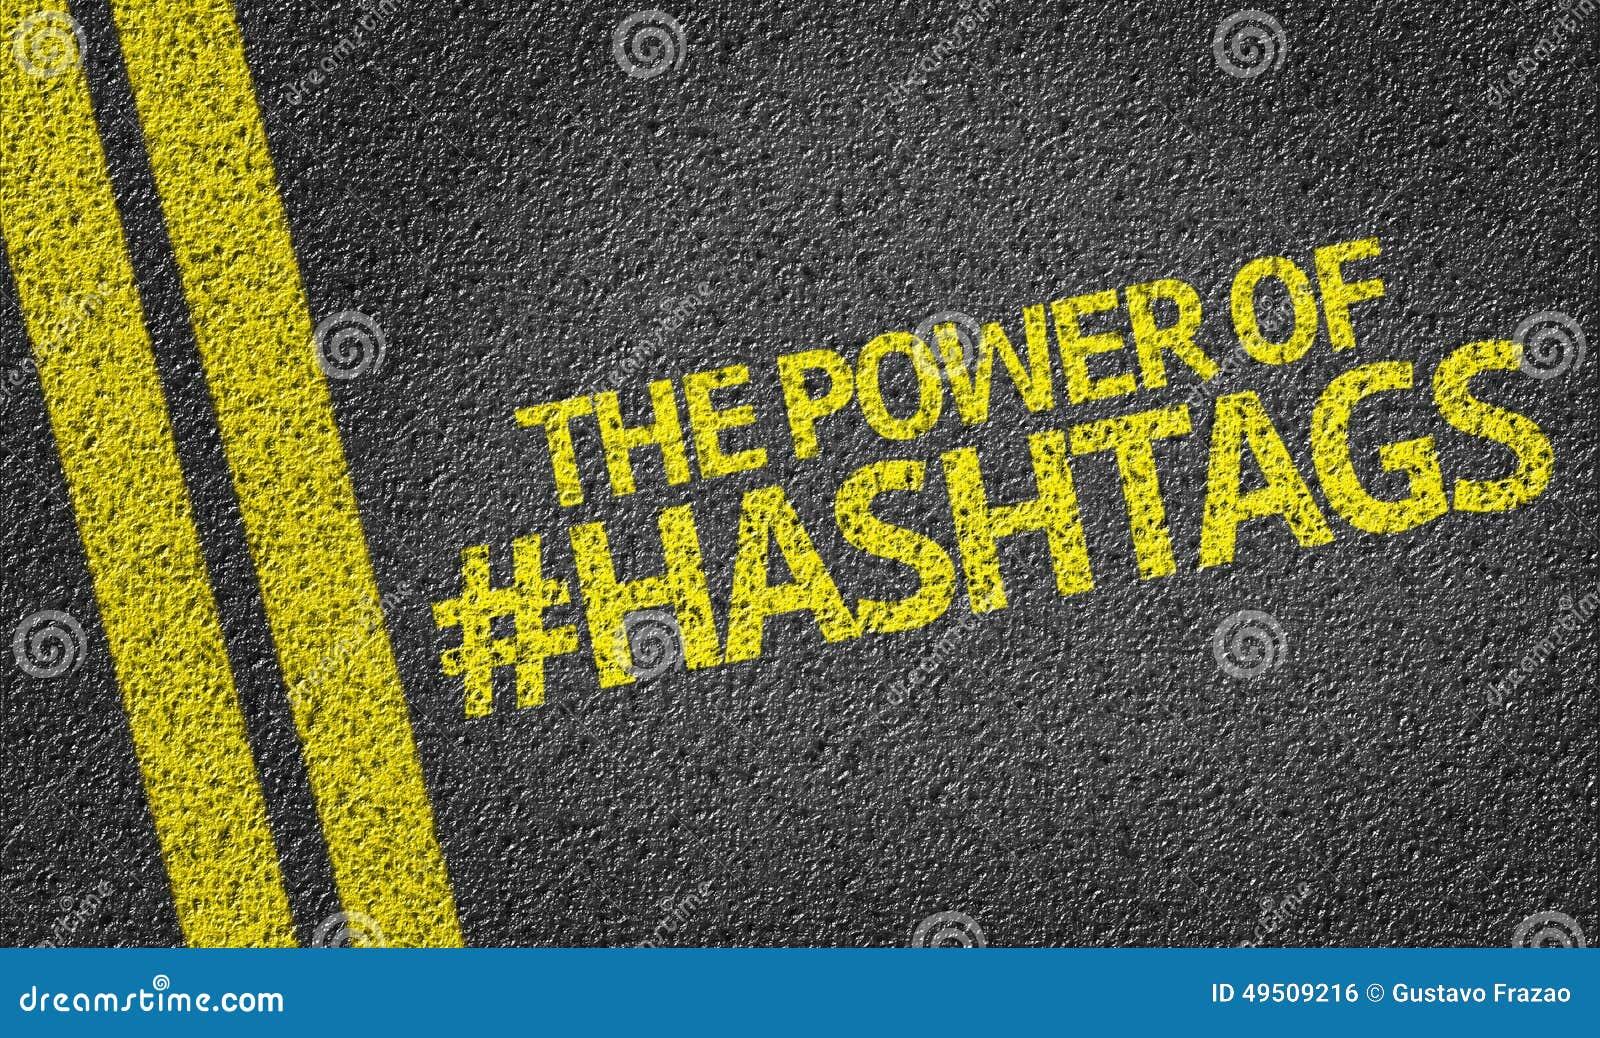 El poder de Hashtags escrito en el camino